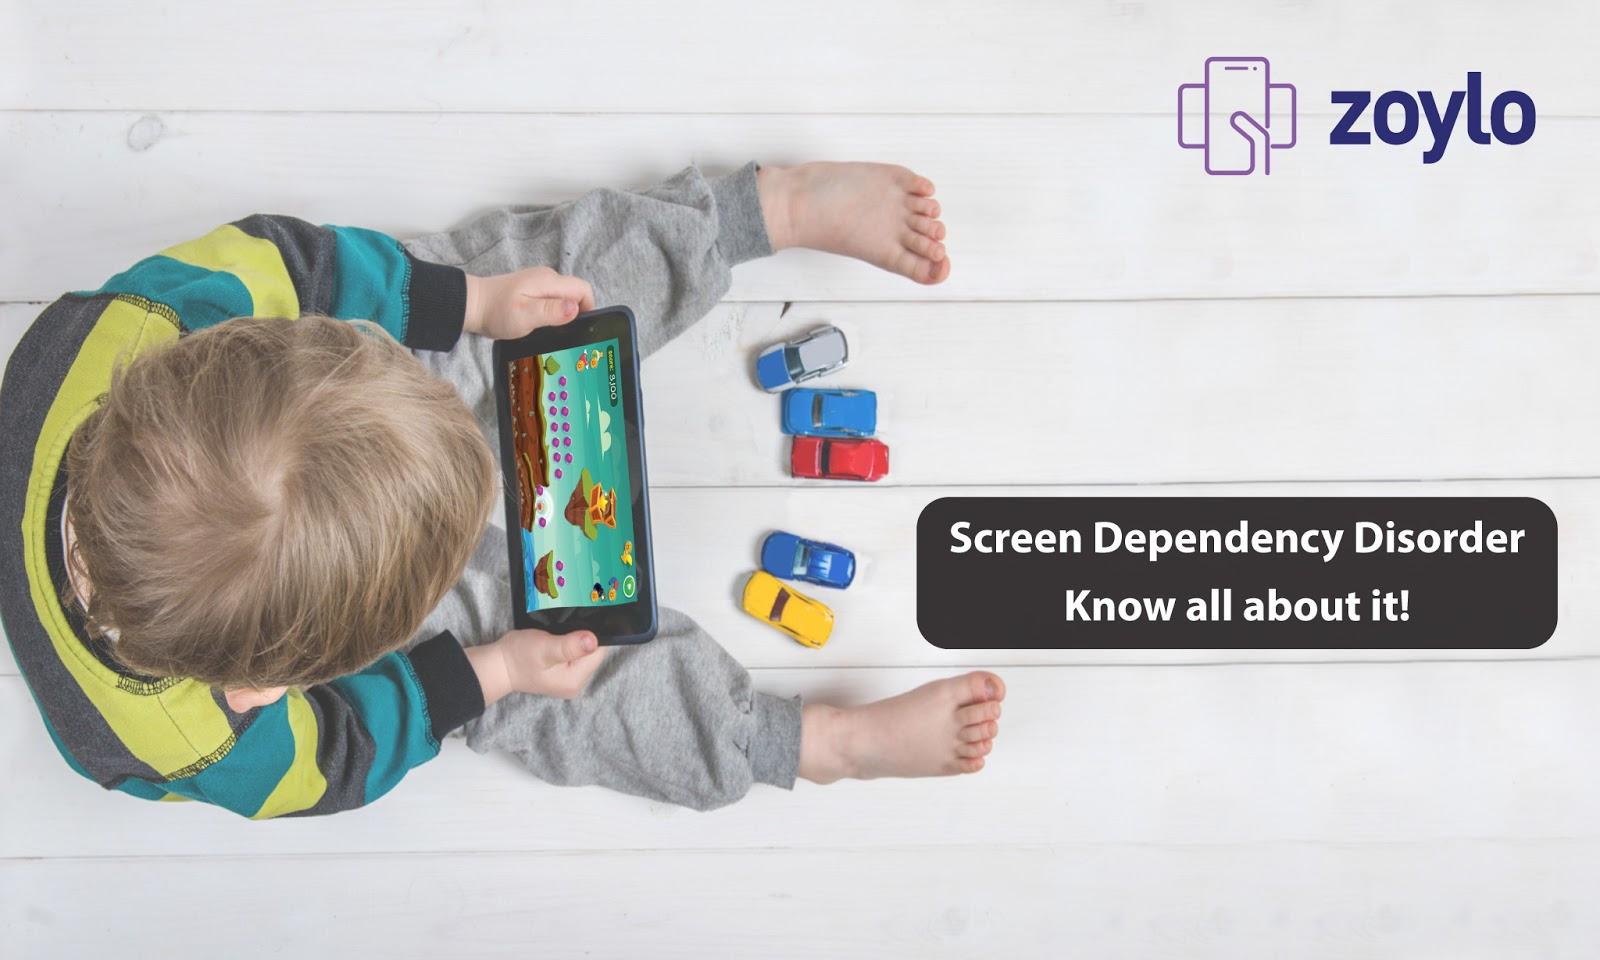 Screen Dependency Disorder in Kids